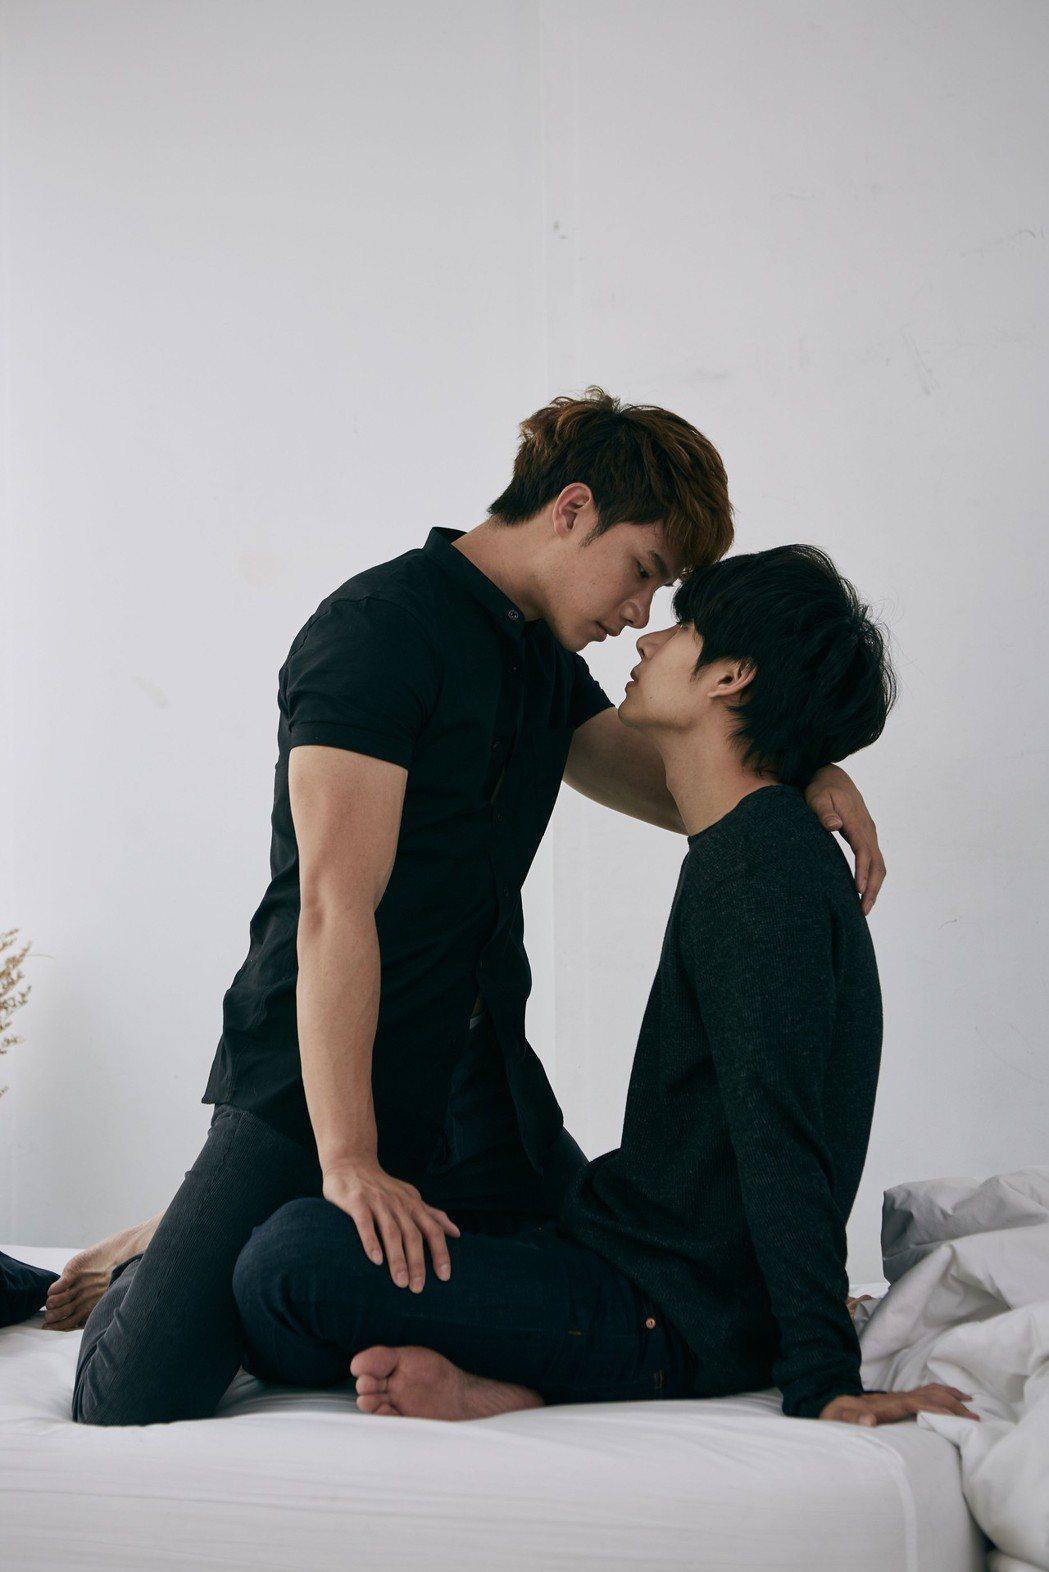 TUL(左)與MAX在劇中是一對戀人。圖/CHOCO TV提供